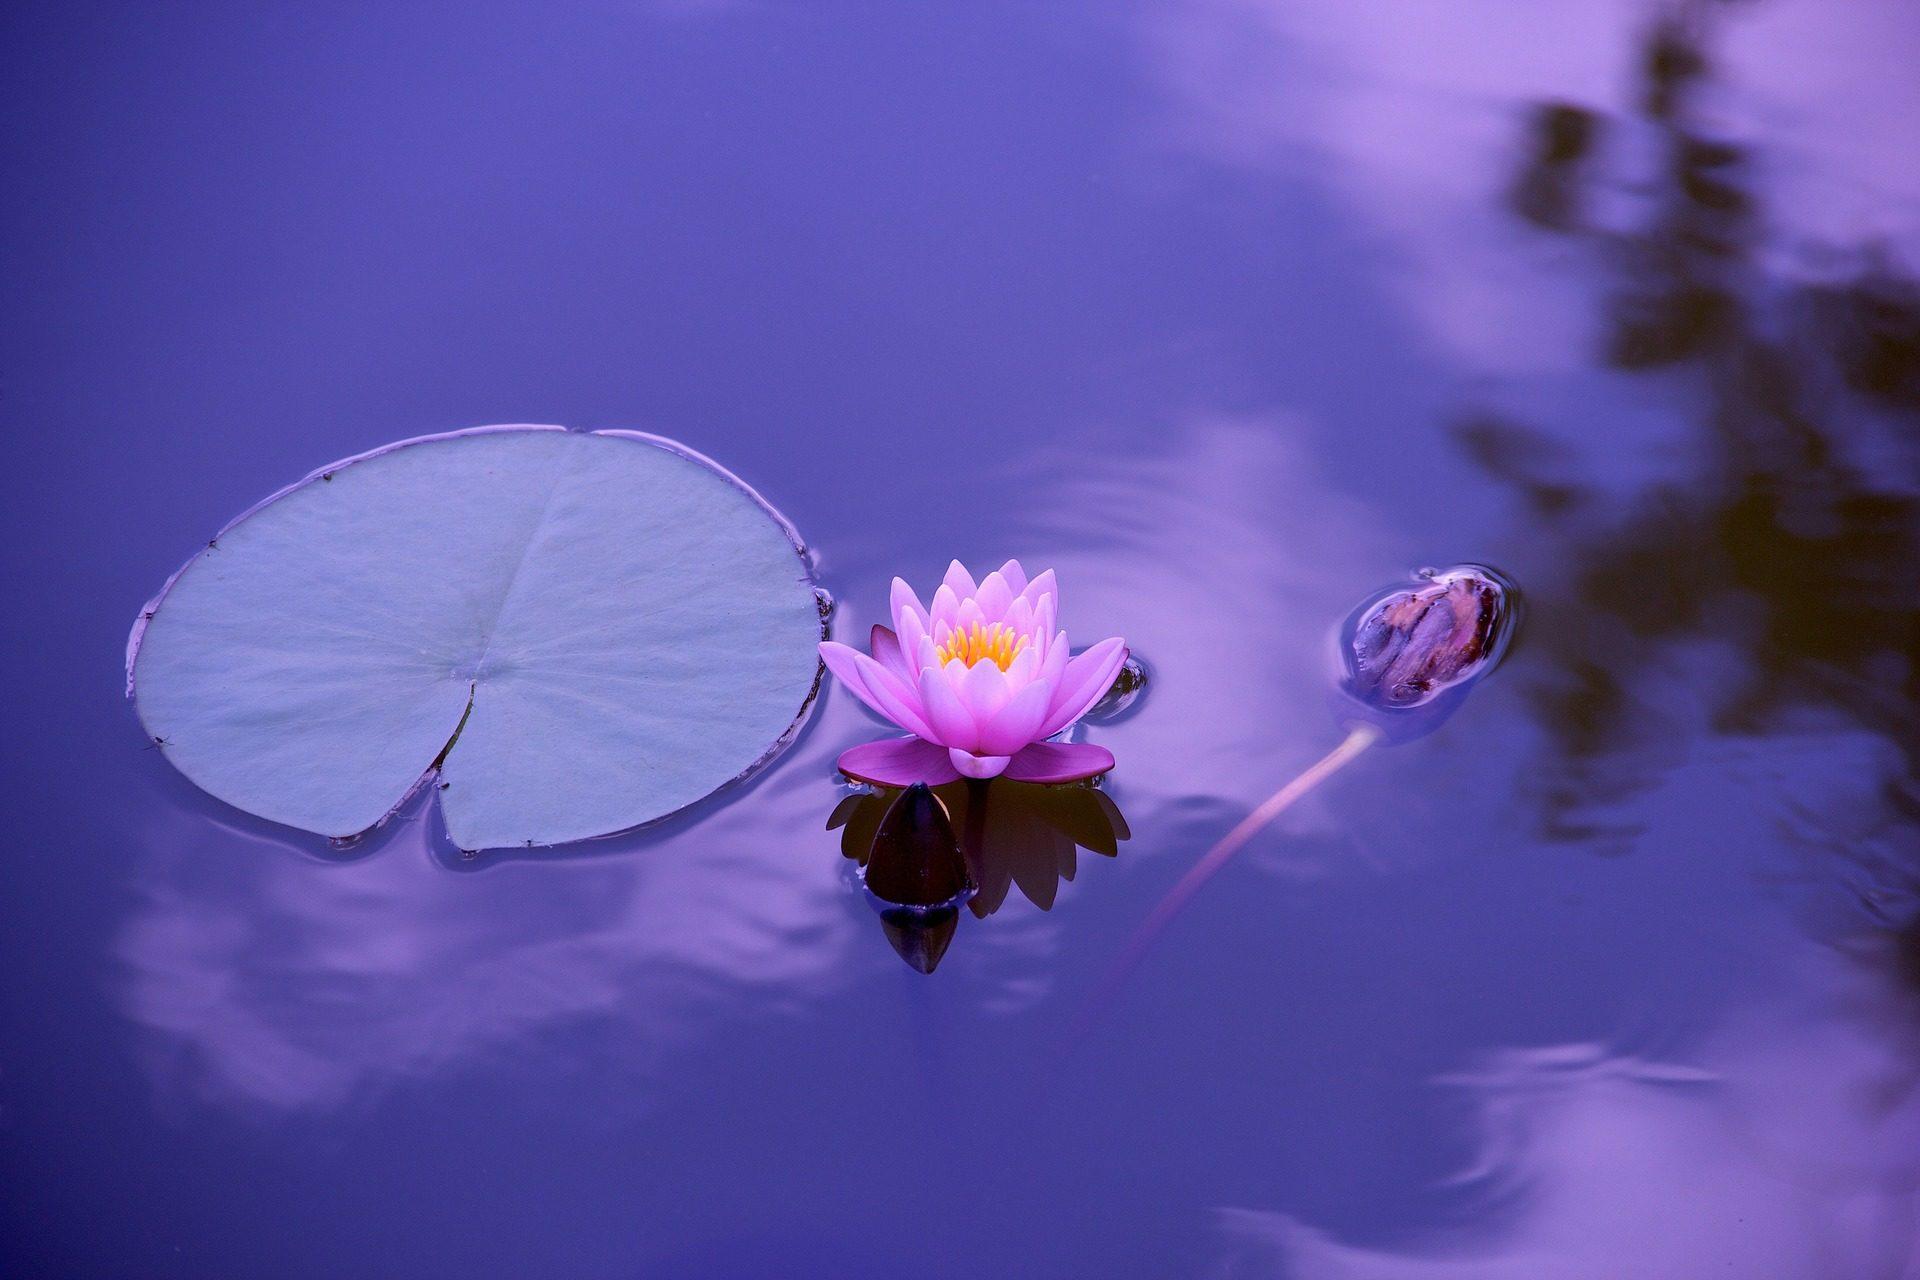 цветок, Лотос, Водяная лилия, ЧАРКА, Сад, Zen, Йога, Медитация - Обои HD - Профессор falken.com